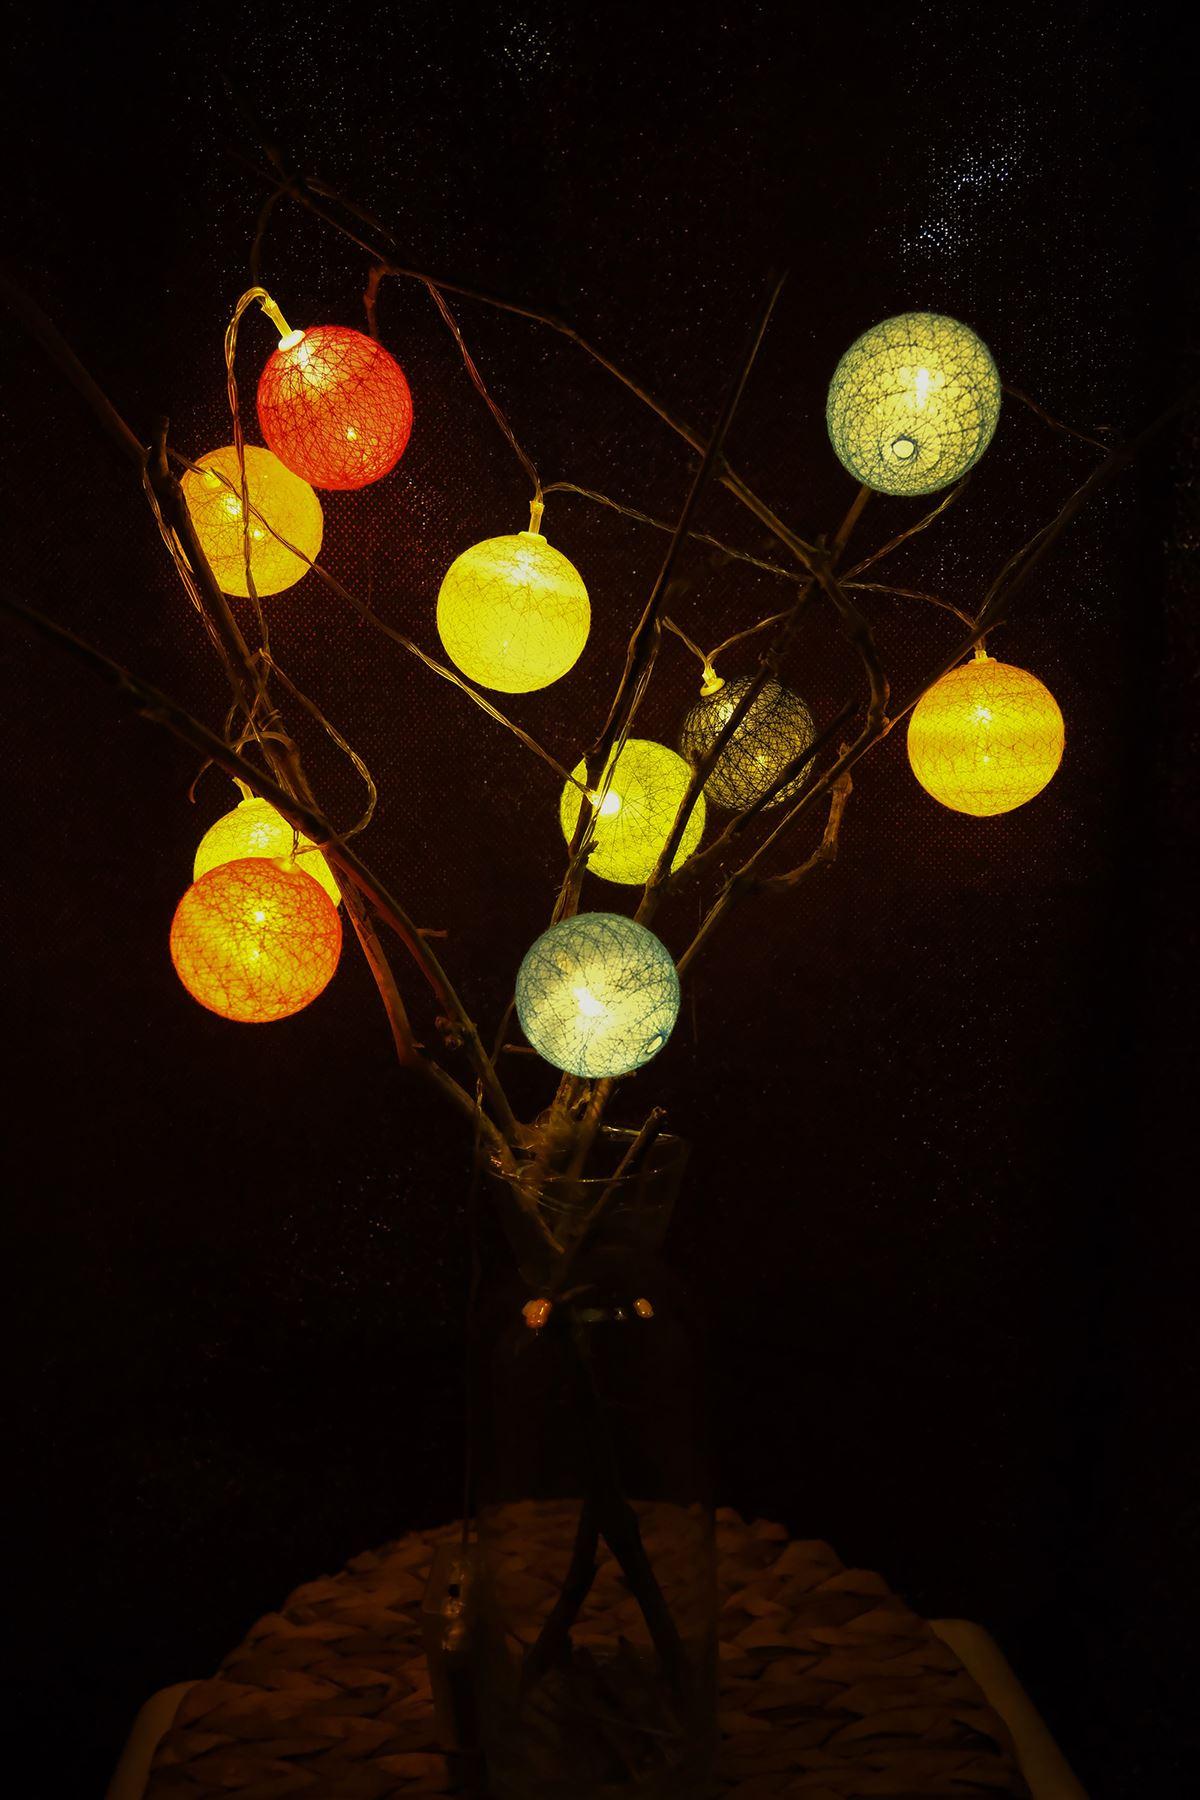 Ledli Top Işık Karışık - 4942.1342.